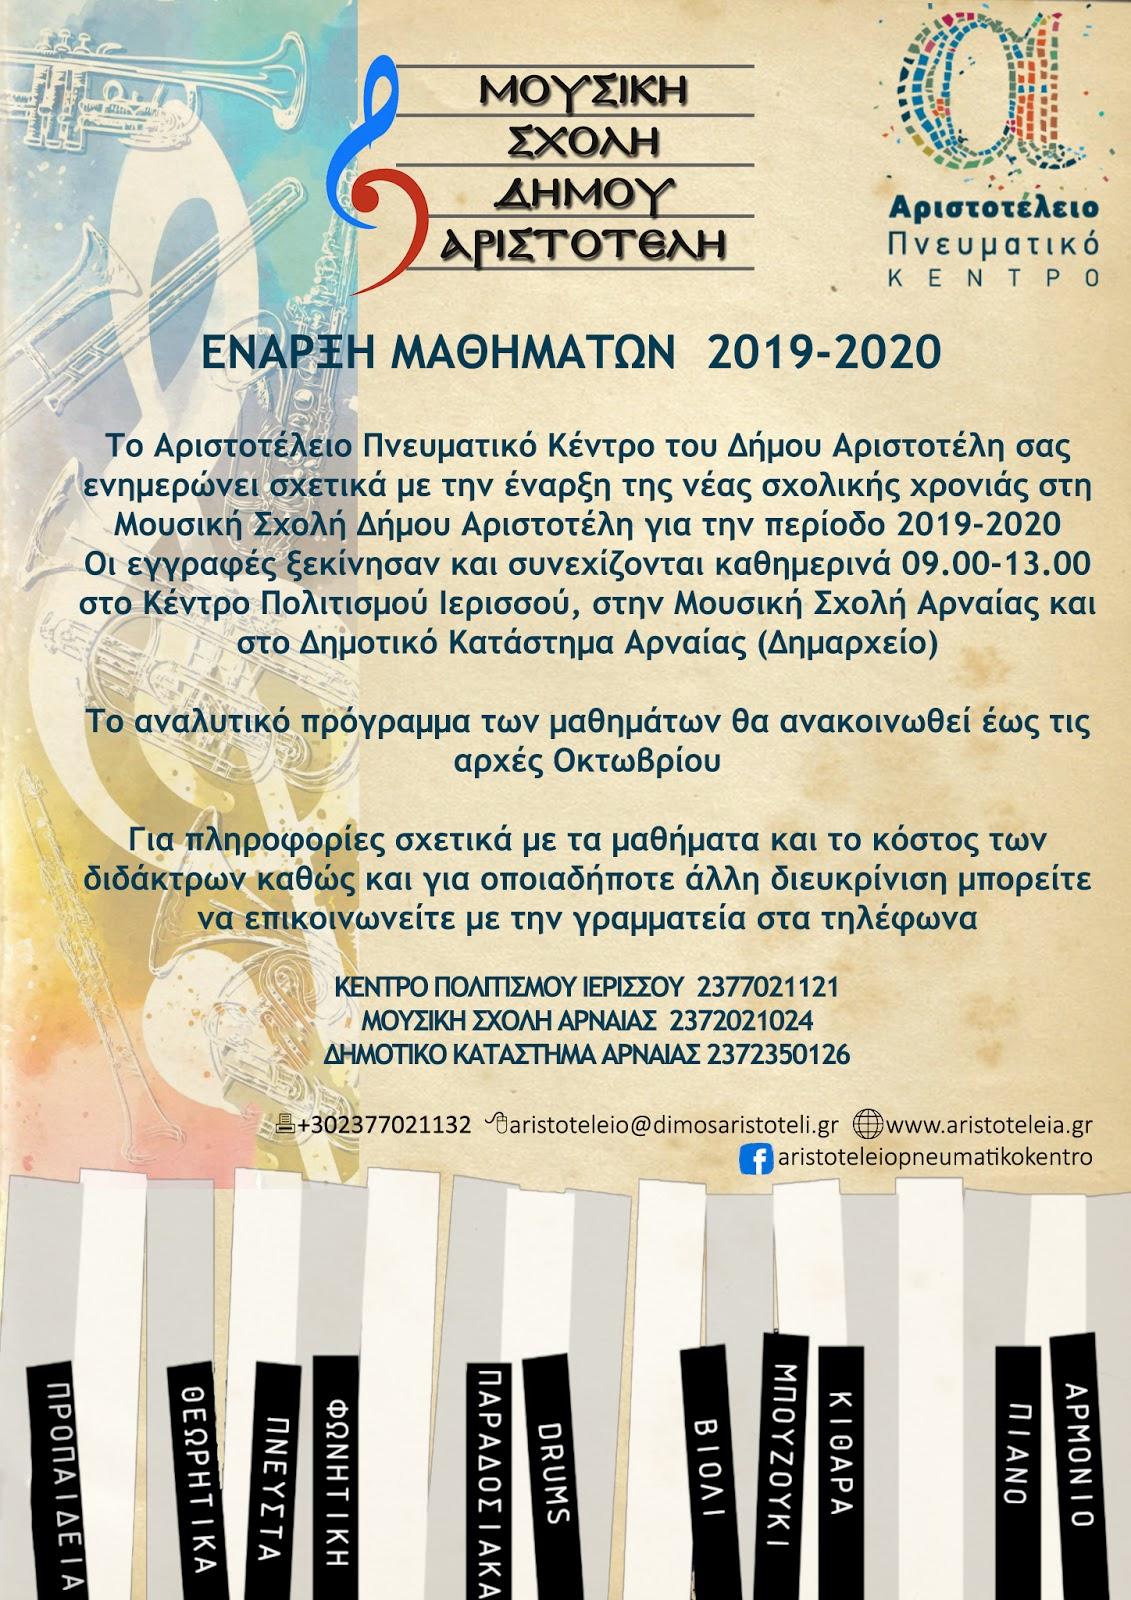 ΕΝΑΡΞΗ ΜΑΘΗΜΑΤΩΝ ΜΟΥΣΙΚΗΣ ΣΧΟΛΗΣ ΔΗΜΟΥ ΑΡΙΣΤΟΤΕΛΗ 2019-2020